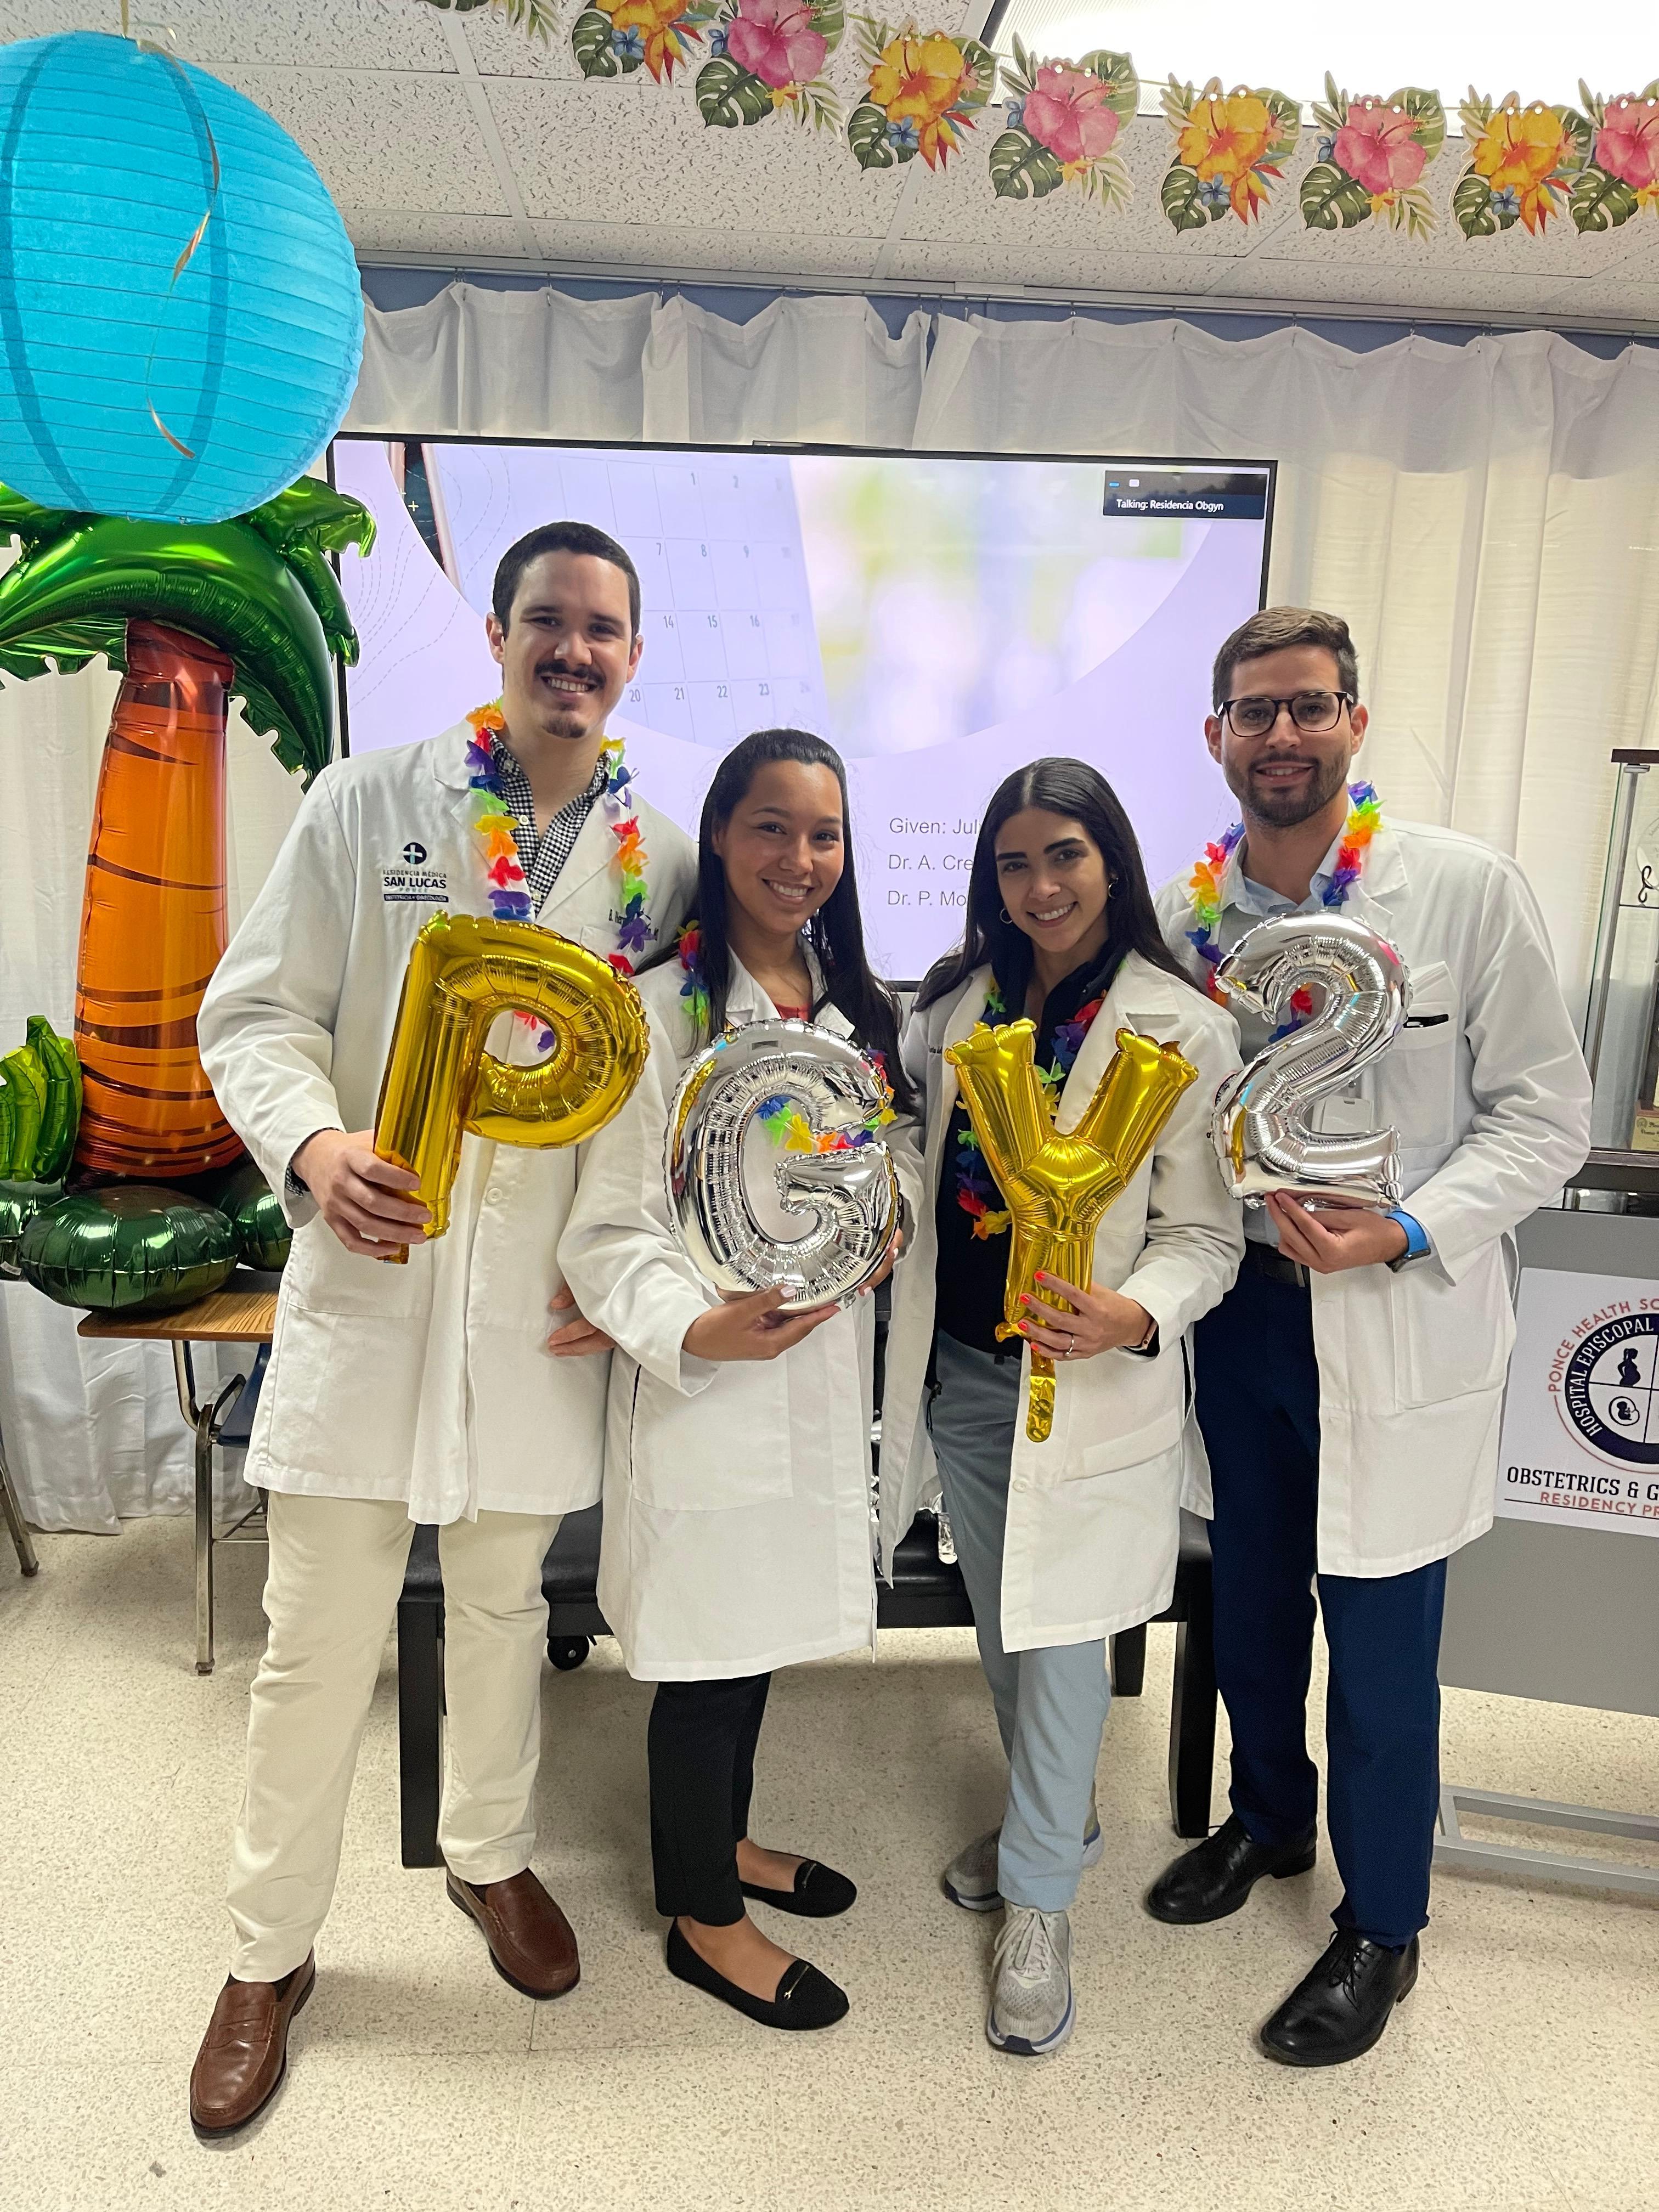 Dr Hernandez and team